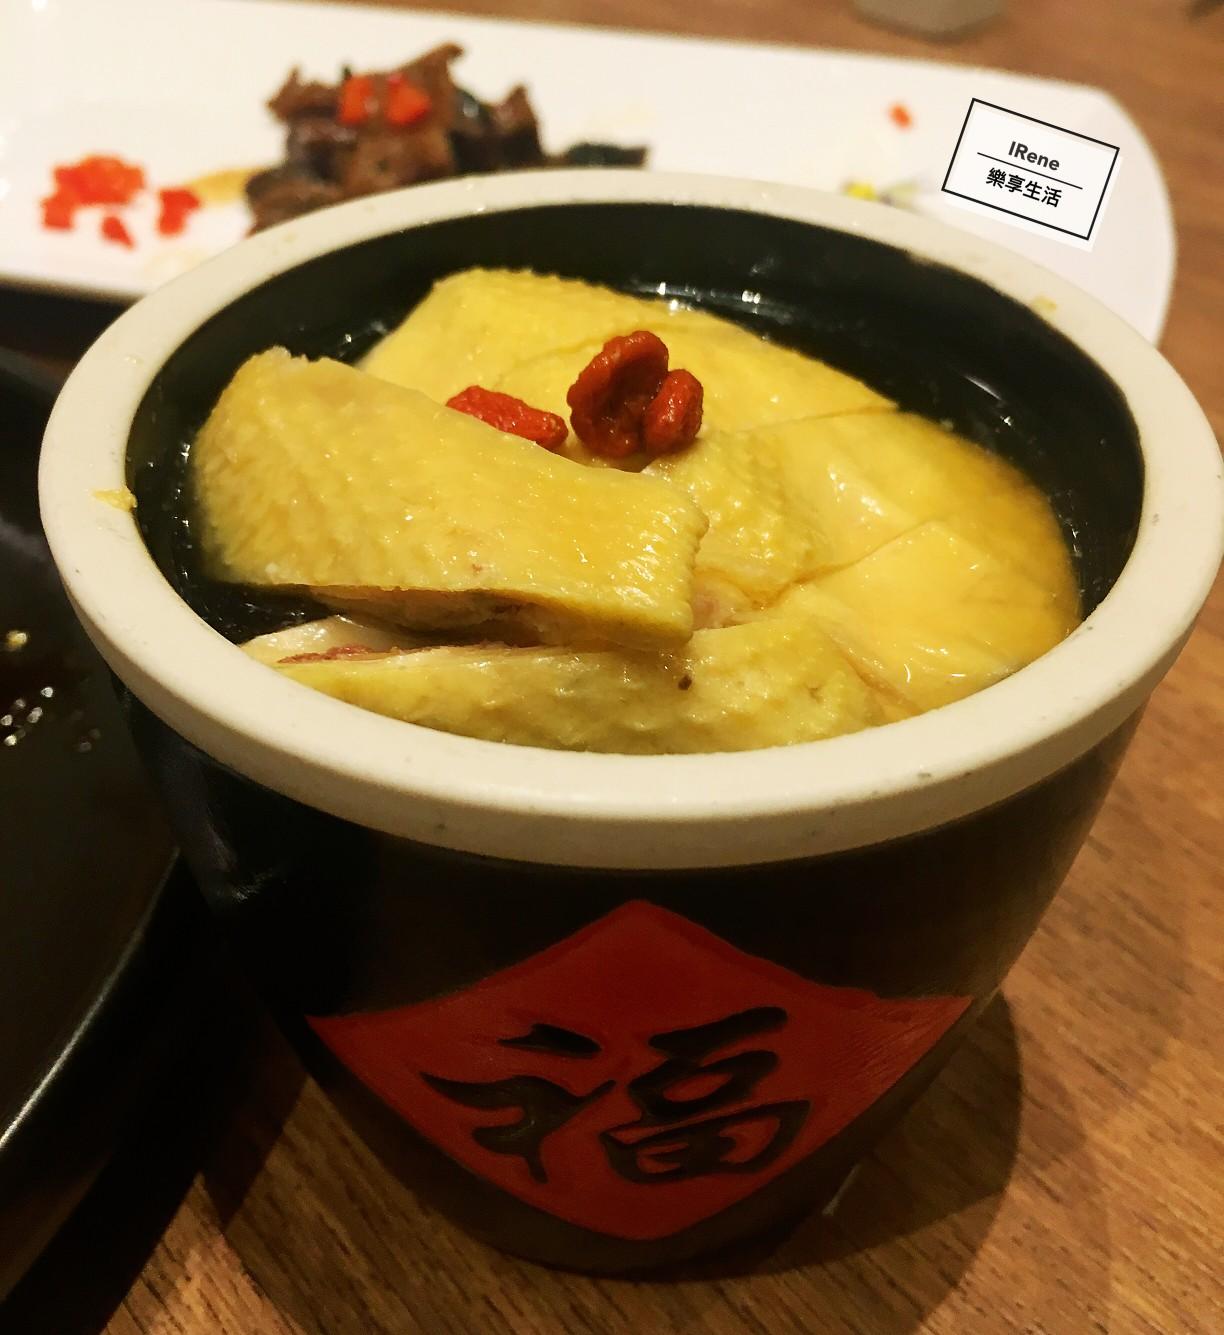 上海小南國餐廳推薦菜-陳年花雕醉雞